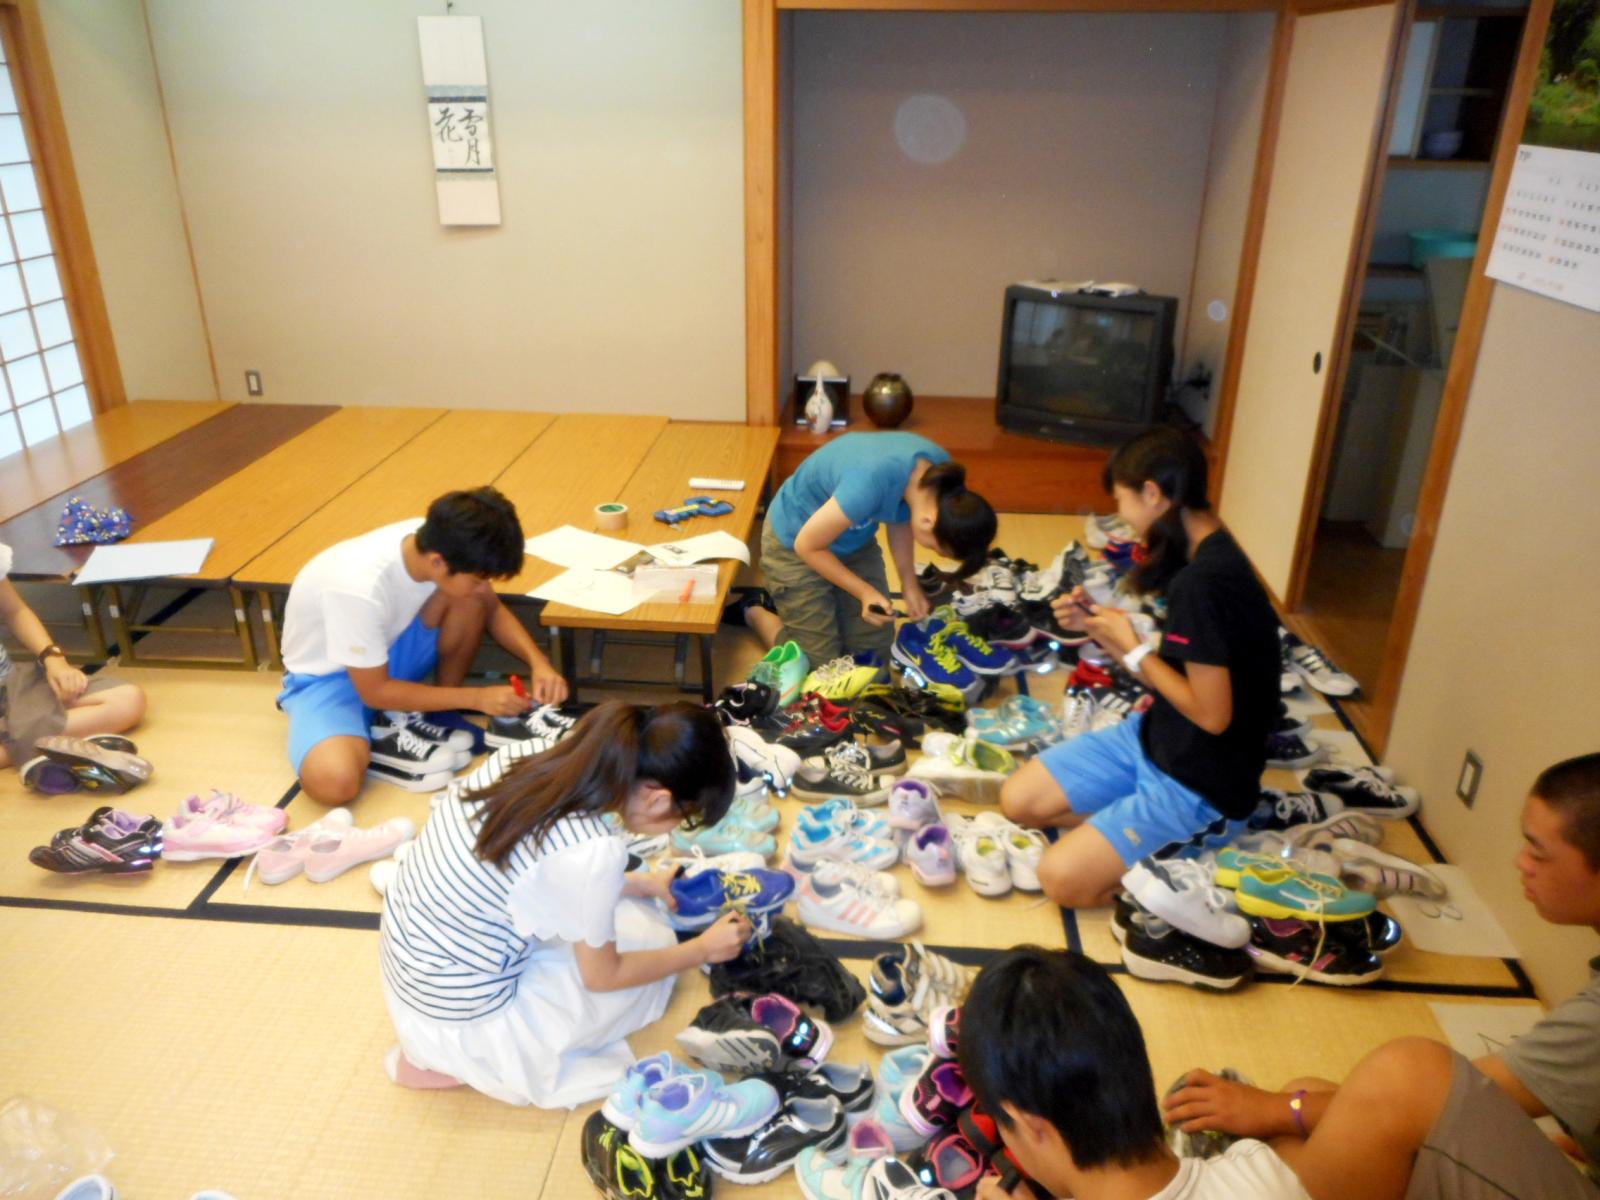 川崎市立麻生中学校は生徒会が中心となり、500足以上のシューズを寄せてくれた。